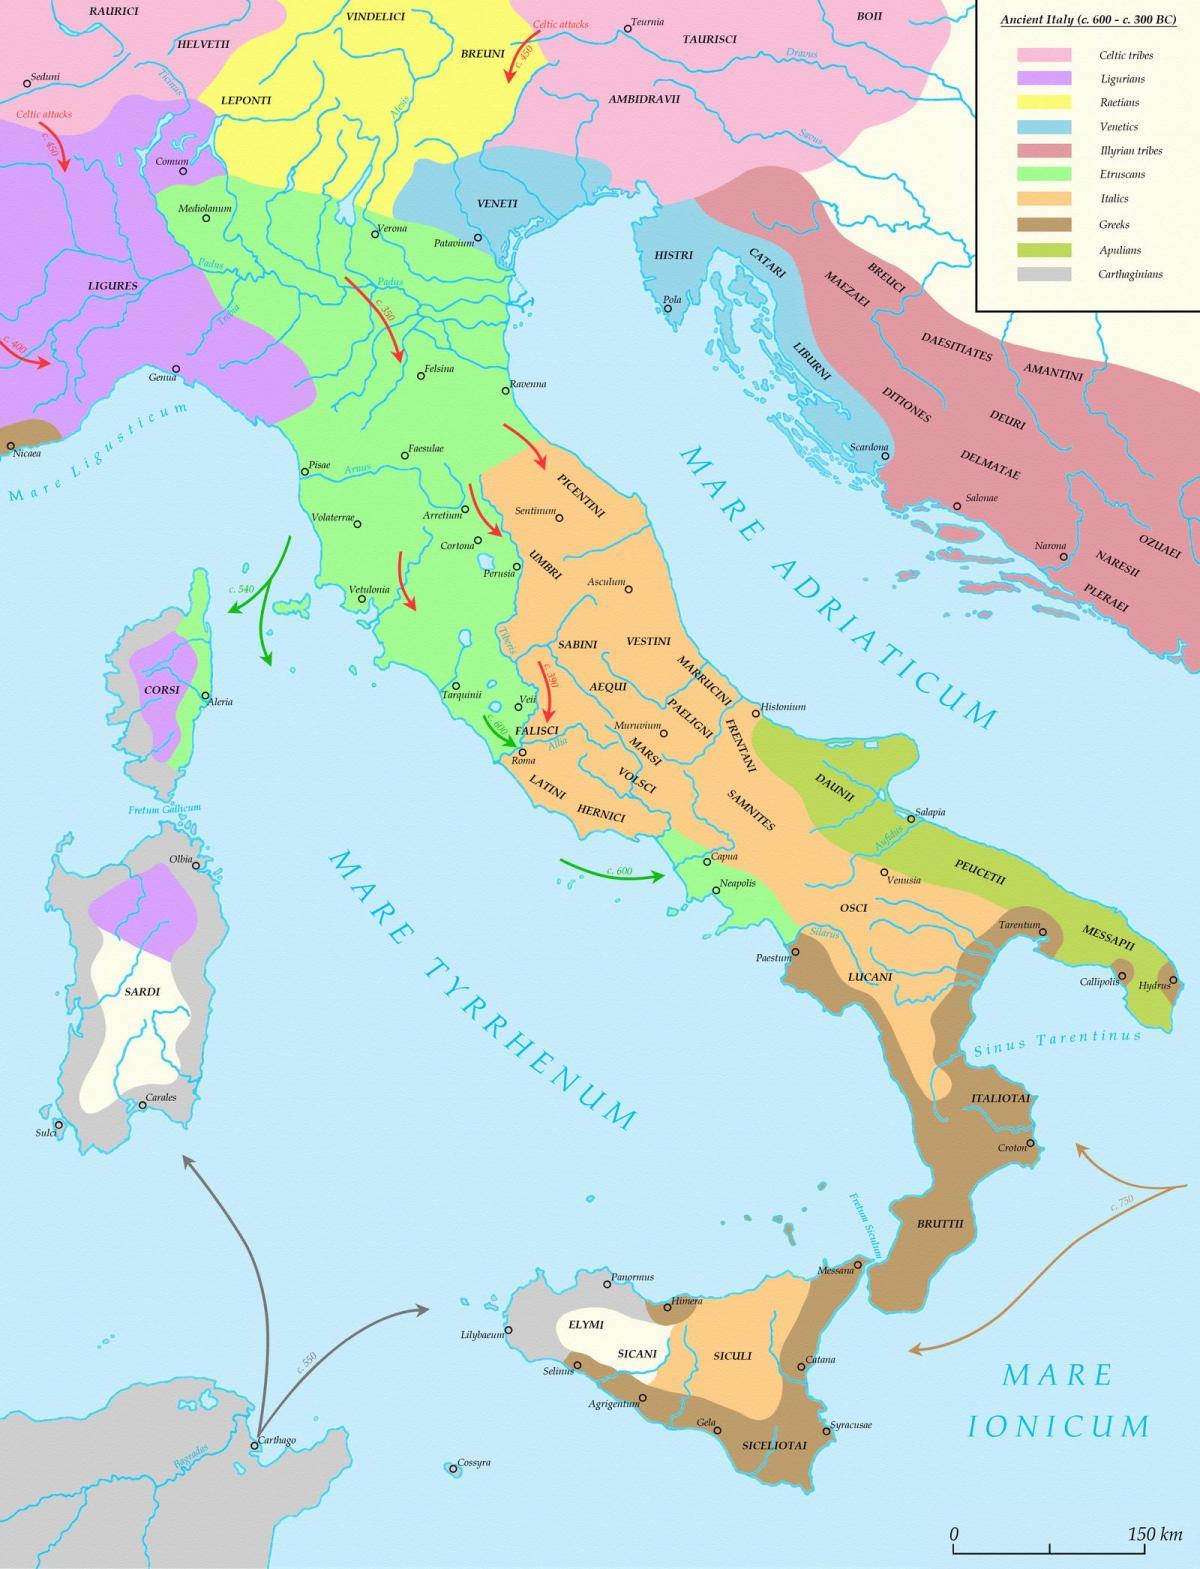 Mappa Dellitalia Antica.Antica Mappa Di Italia Mappa Di Italia Antica Europa Del Sud Europa